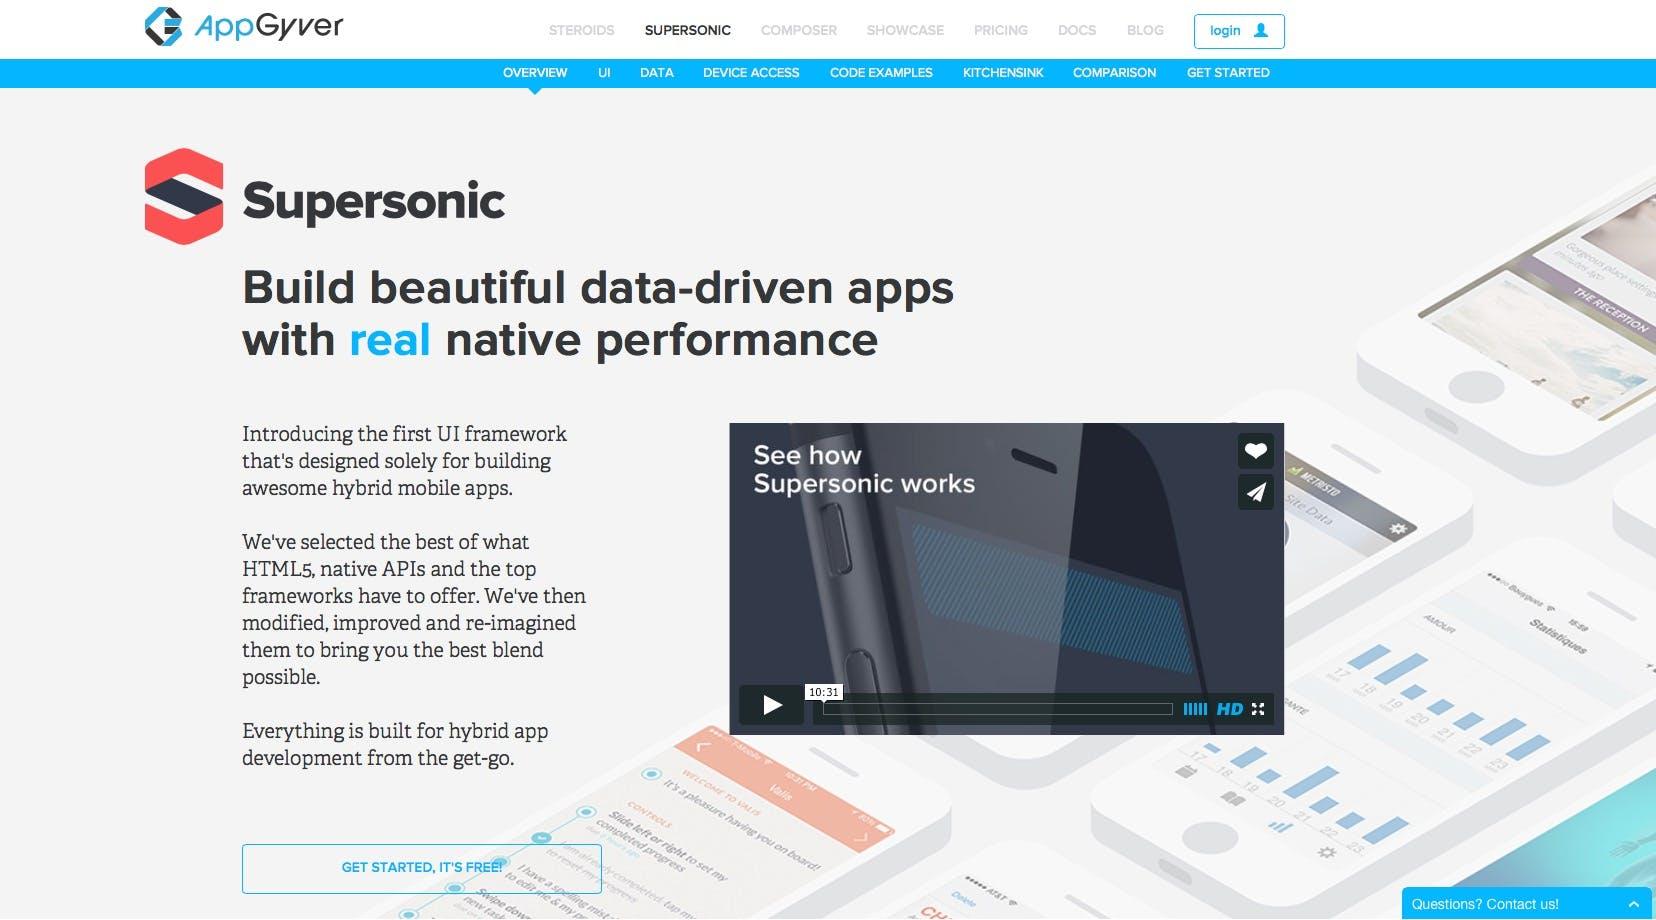 Hybride App-Entwicklung mit AppGyver: Apps für iOS und Android erstellen